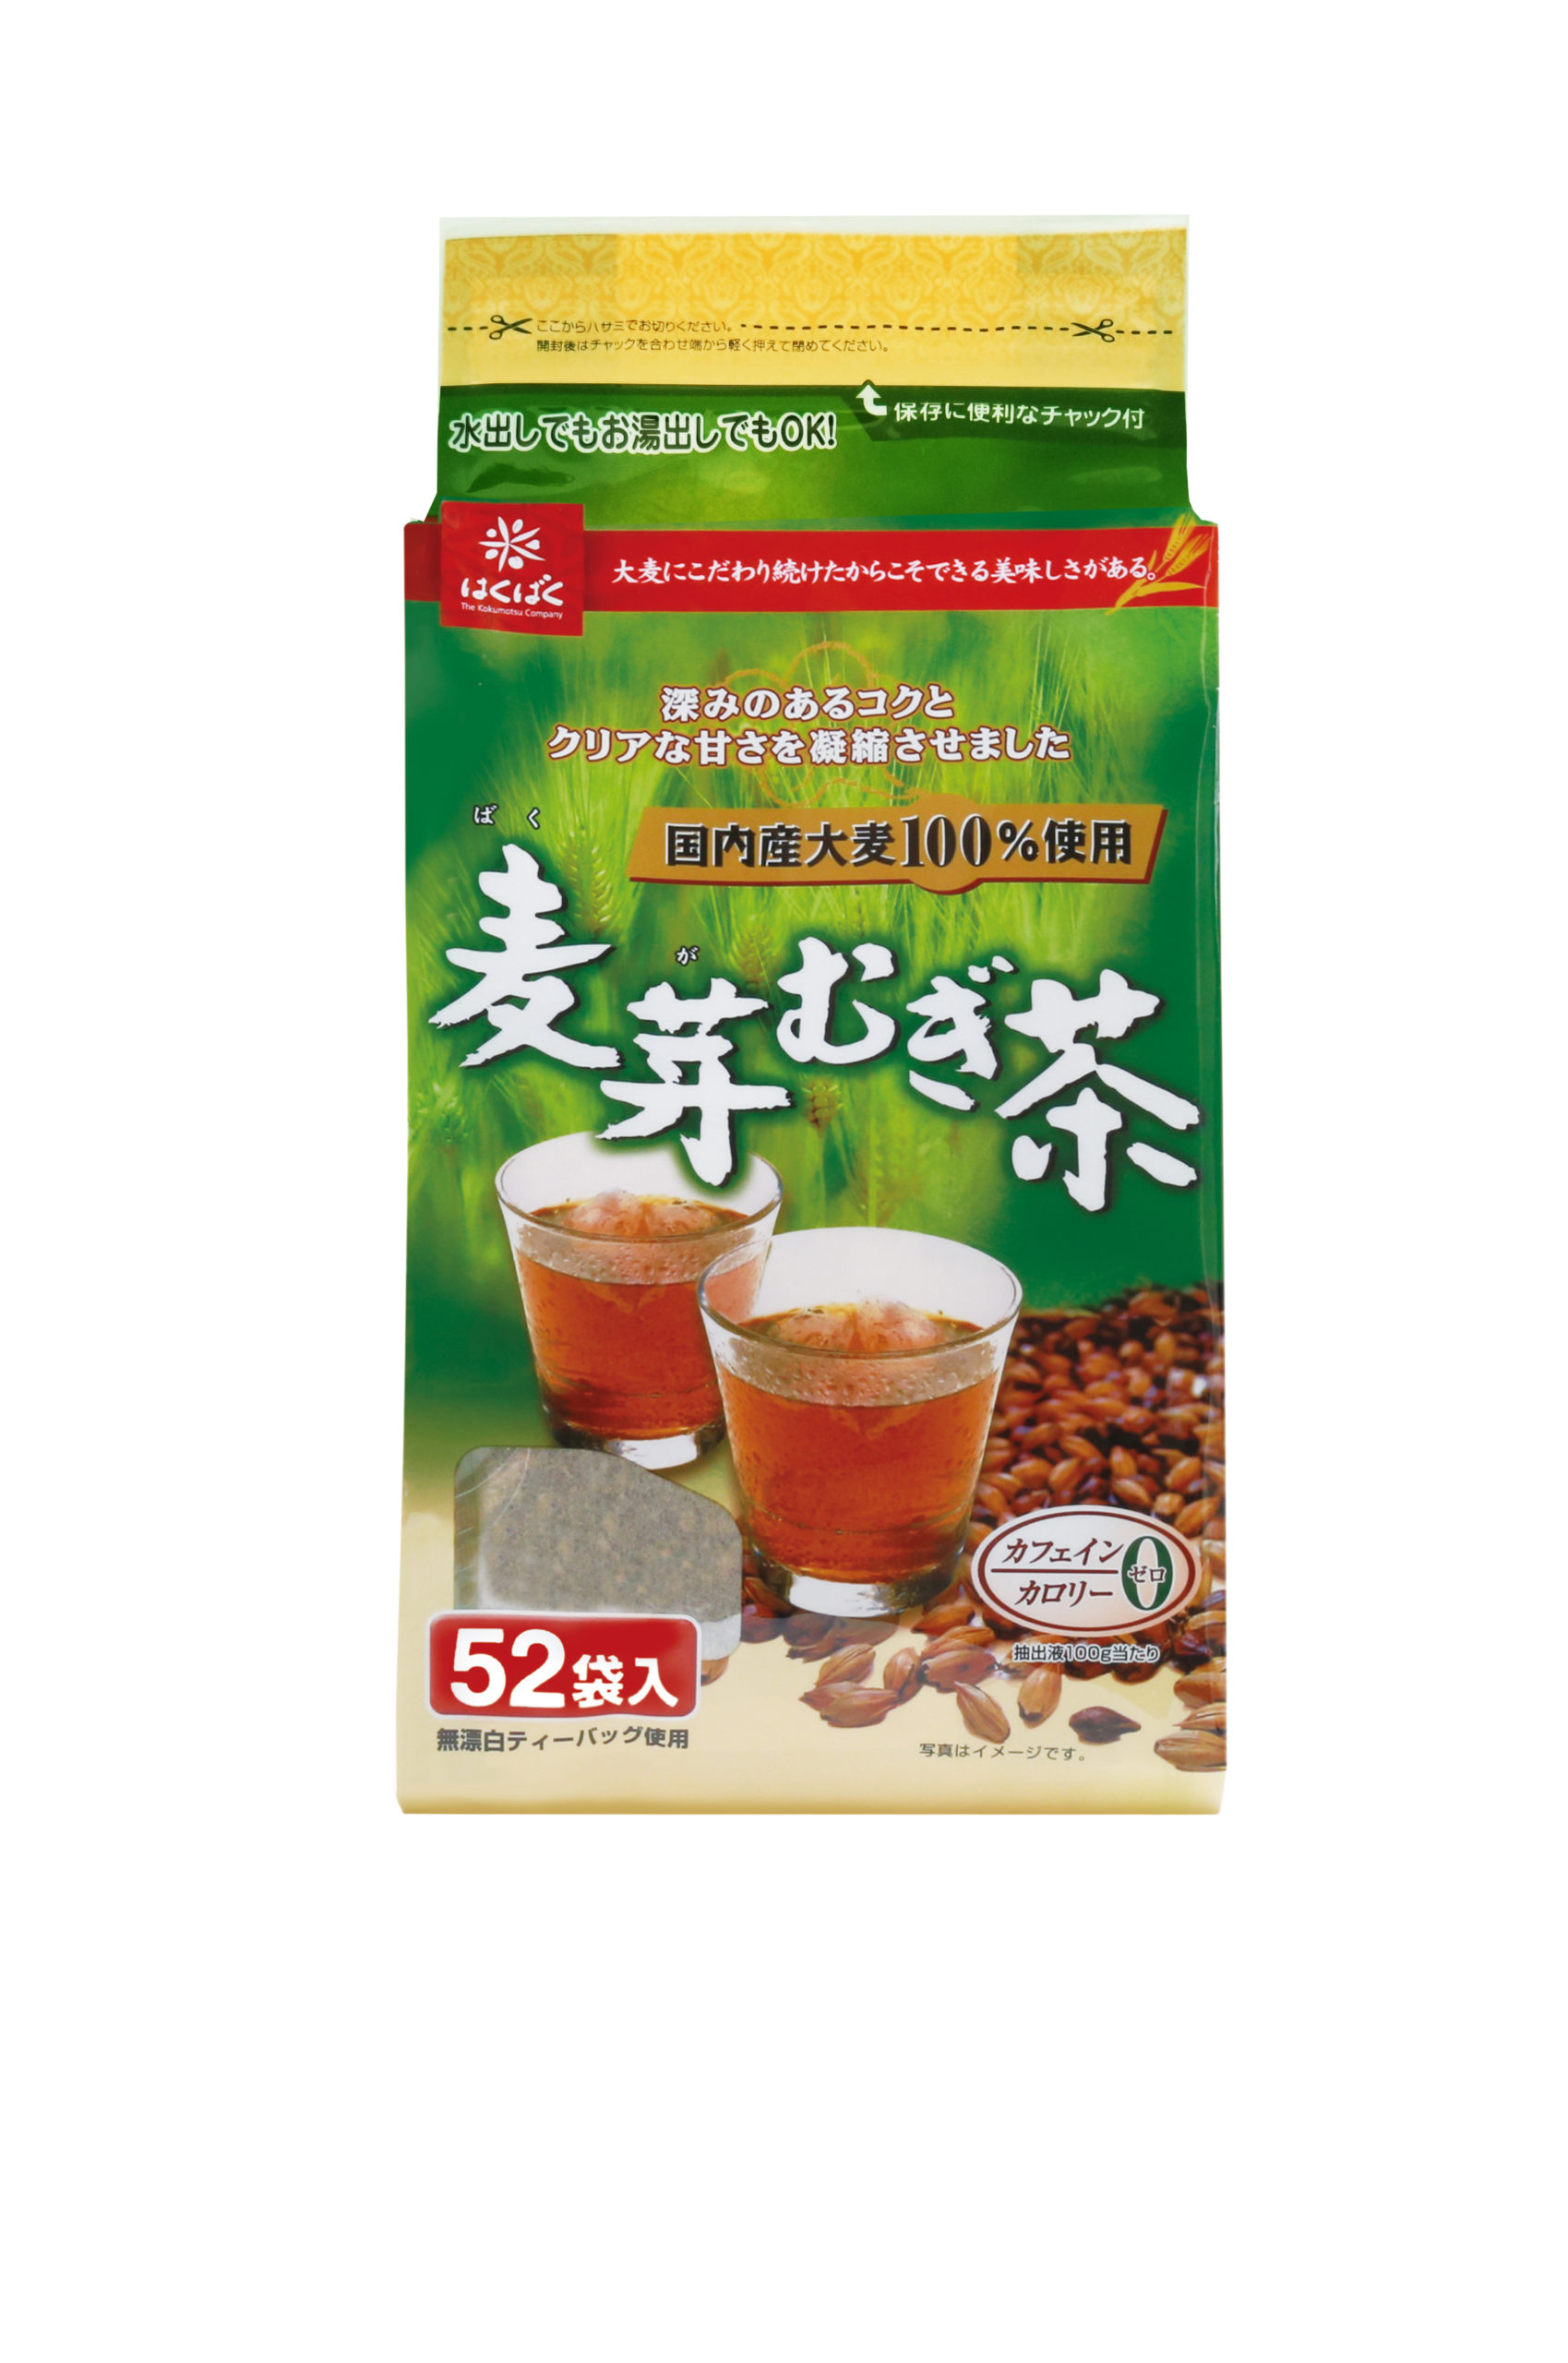 麦芽むぎ茶 52袋